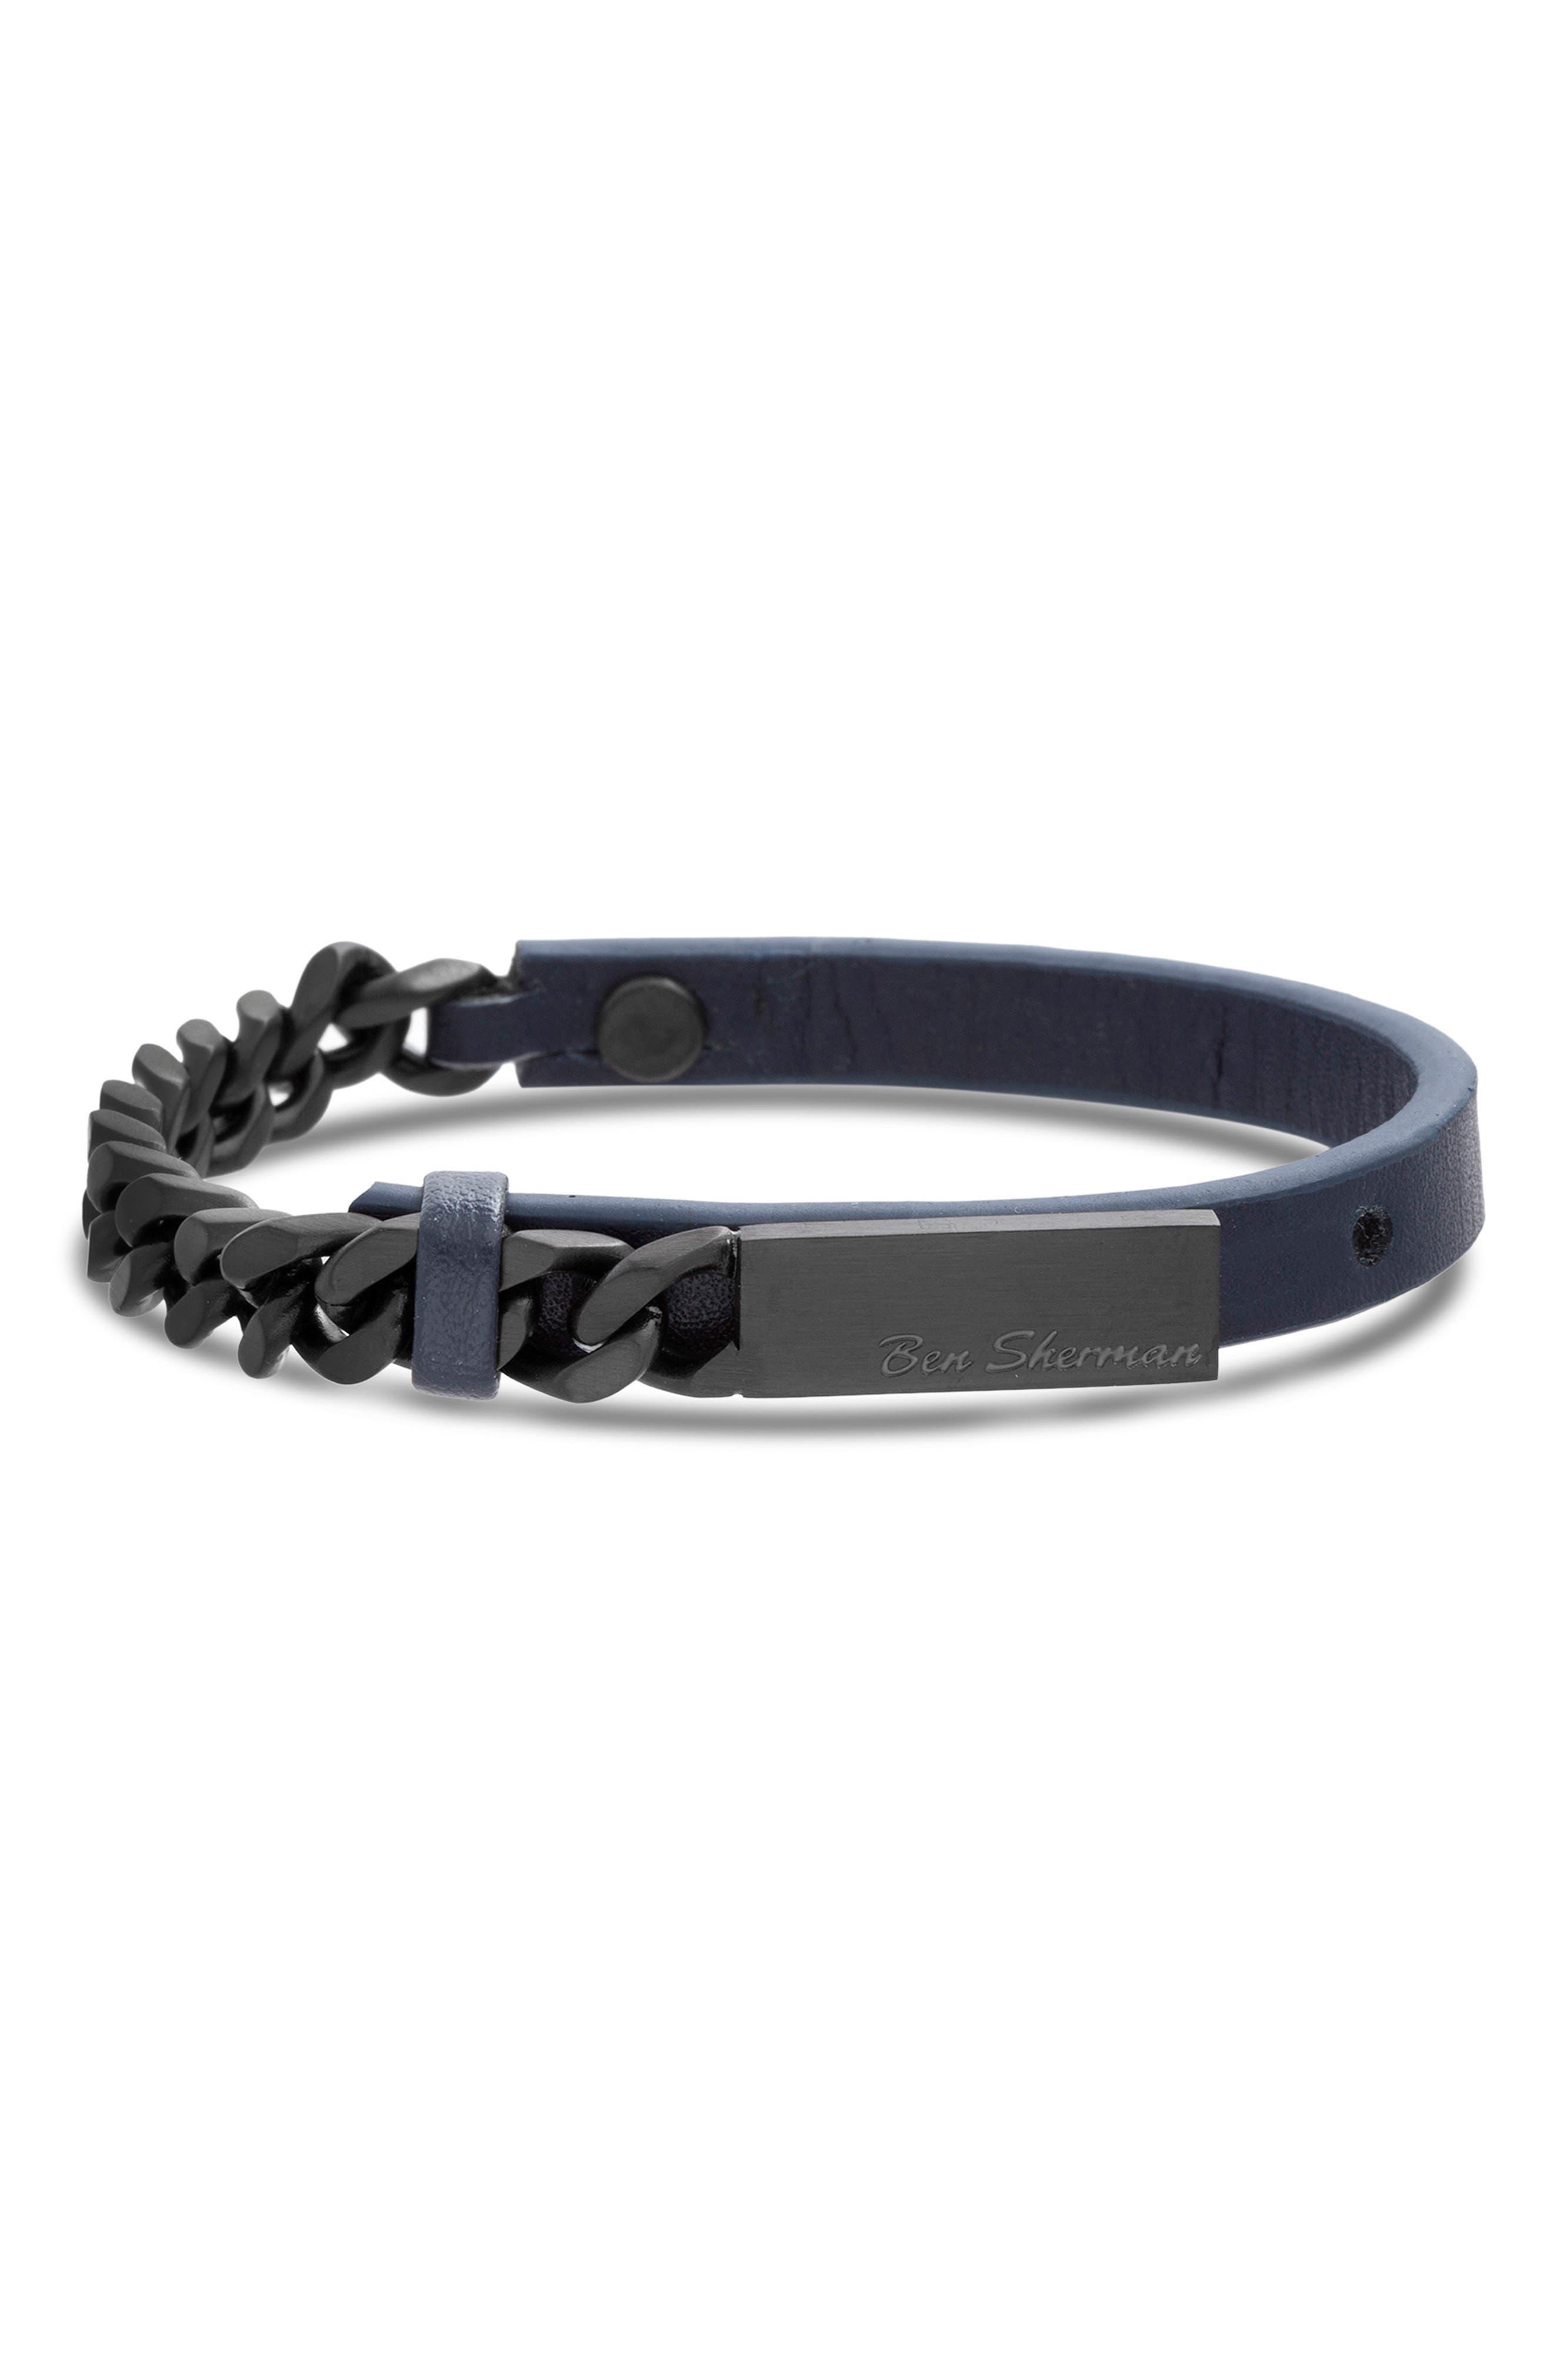 BEN SHERMAN Leather & Chain Bracelet in Navy Blue